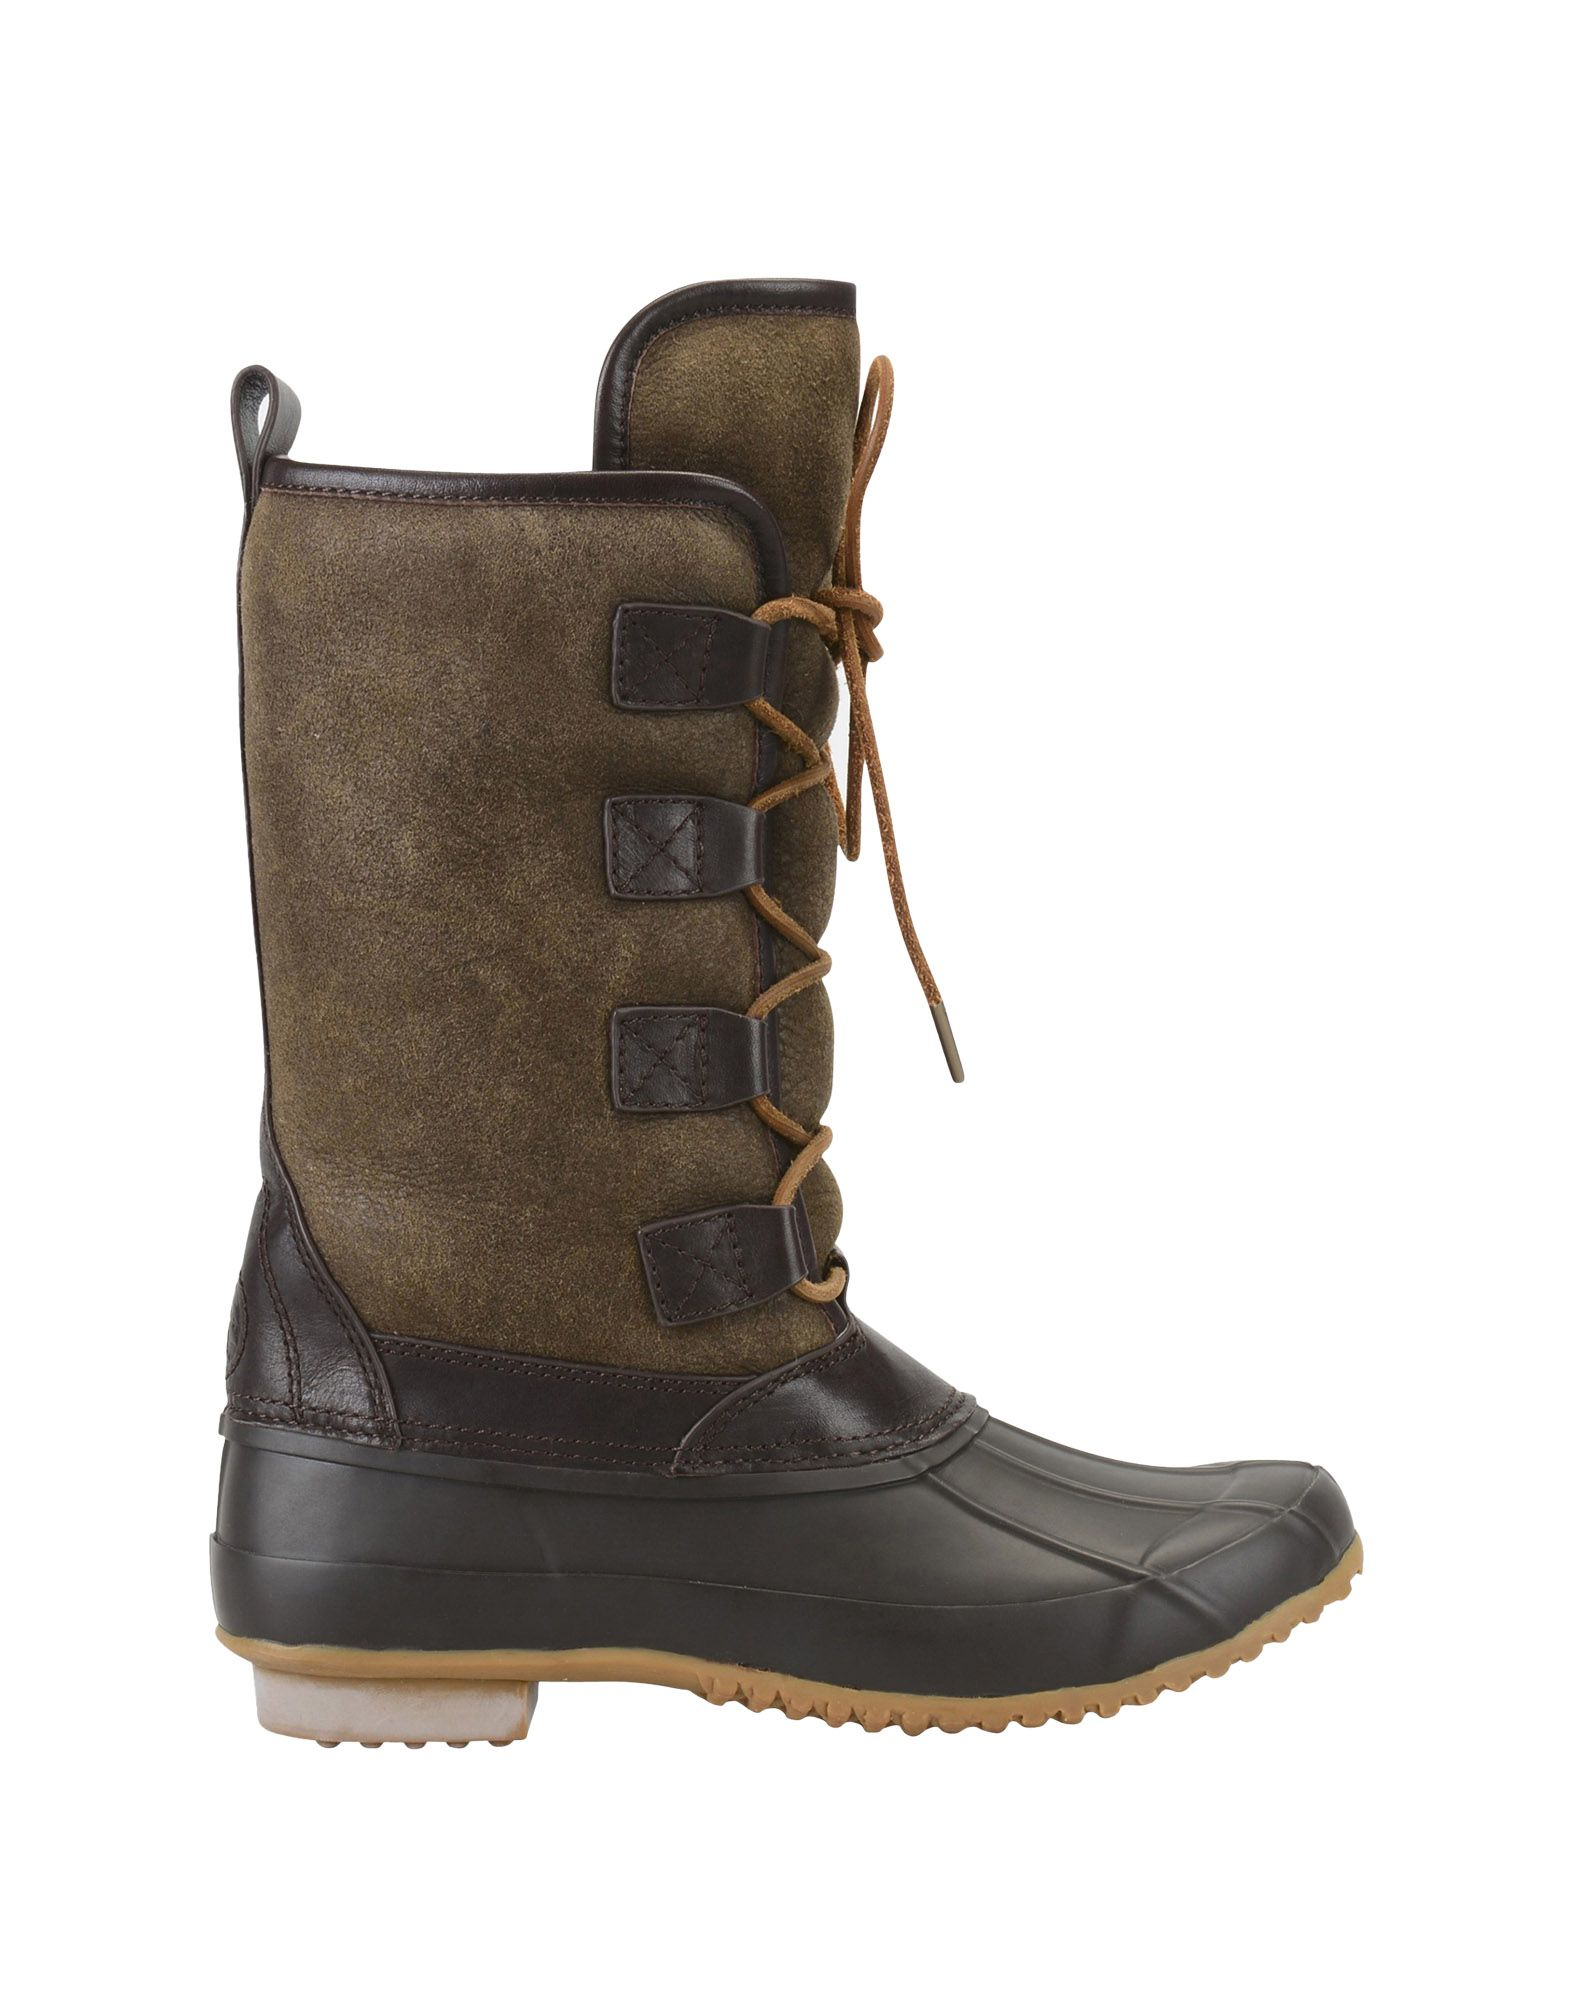 Frye Schuhe Stiefel Damen  11446249NE Heiße Schuhe Frye eae564